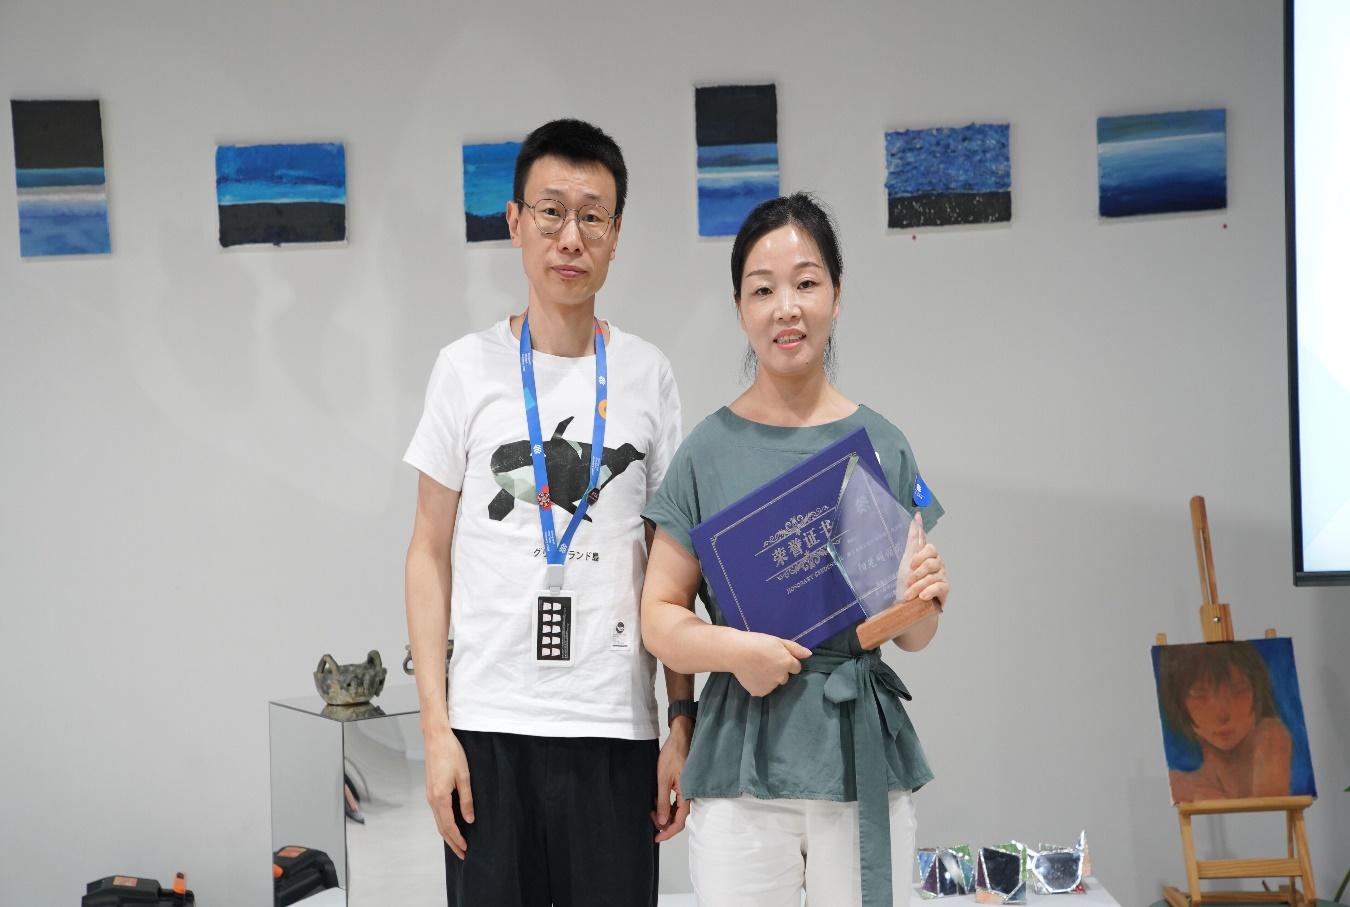 """大涵文化于2021年·杭州云谷学校年度供应商评选中获得""""A级供应商""""称号"""